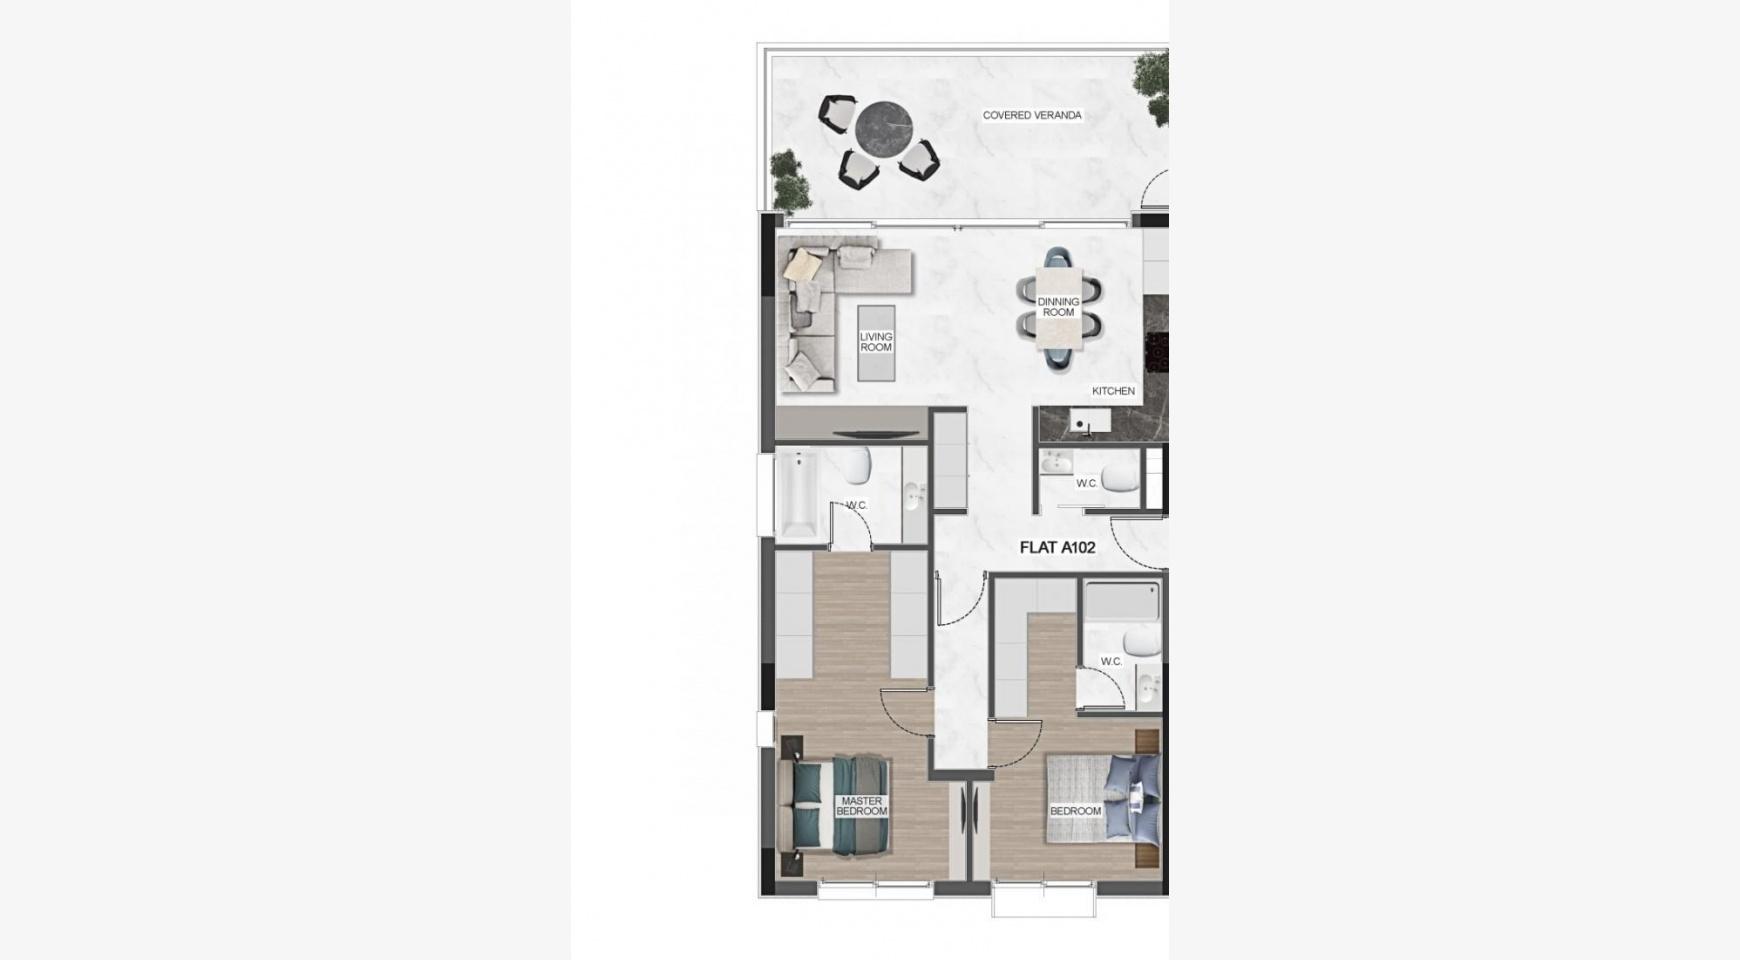 Urban City Residences, Кв. C 202. 2-Спальная Квартира в Новом Комплексе в Центре Города - 41